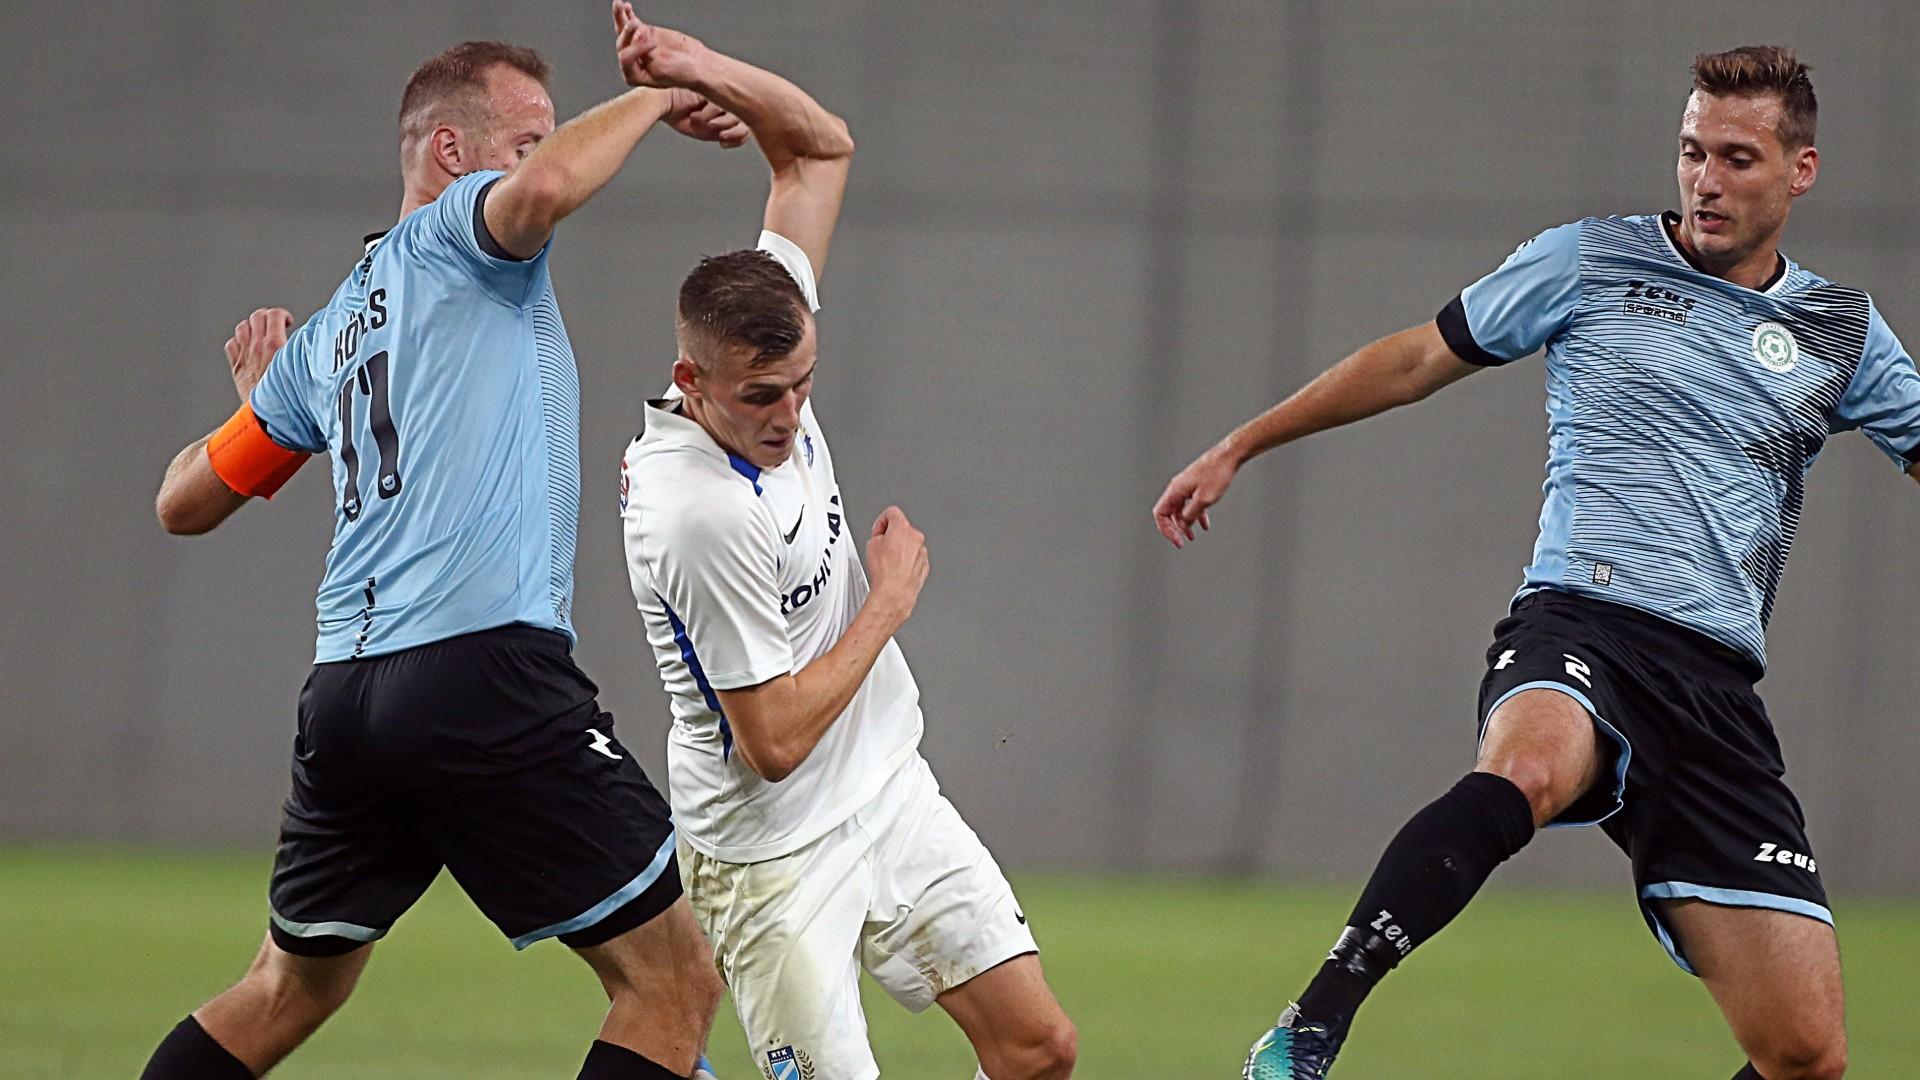 Szurkolói információk az FC Ajka elleni bajnokira